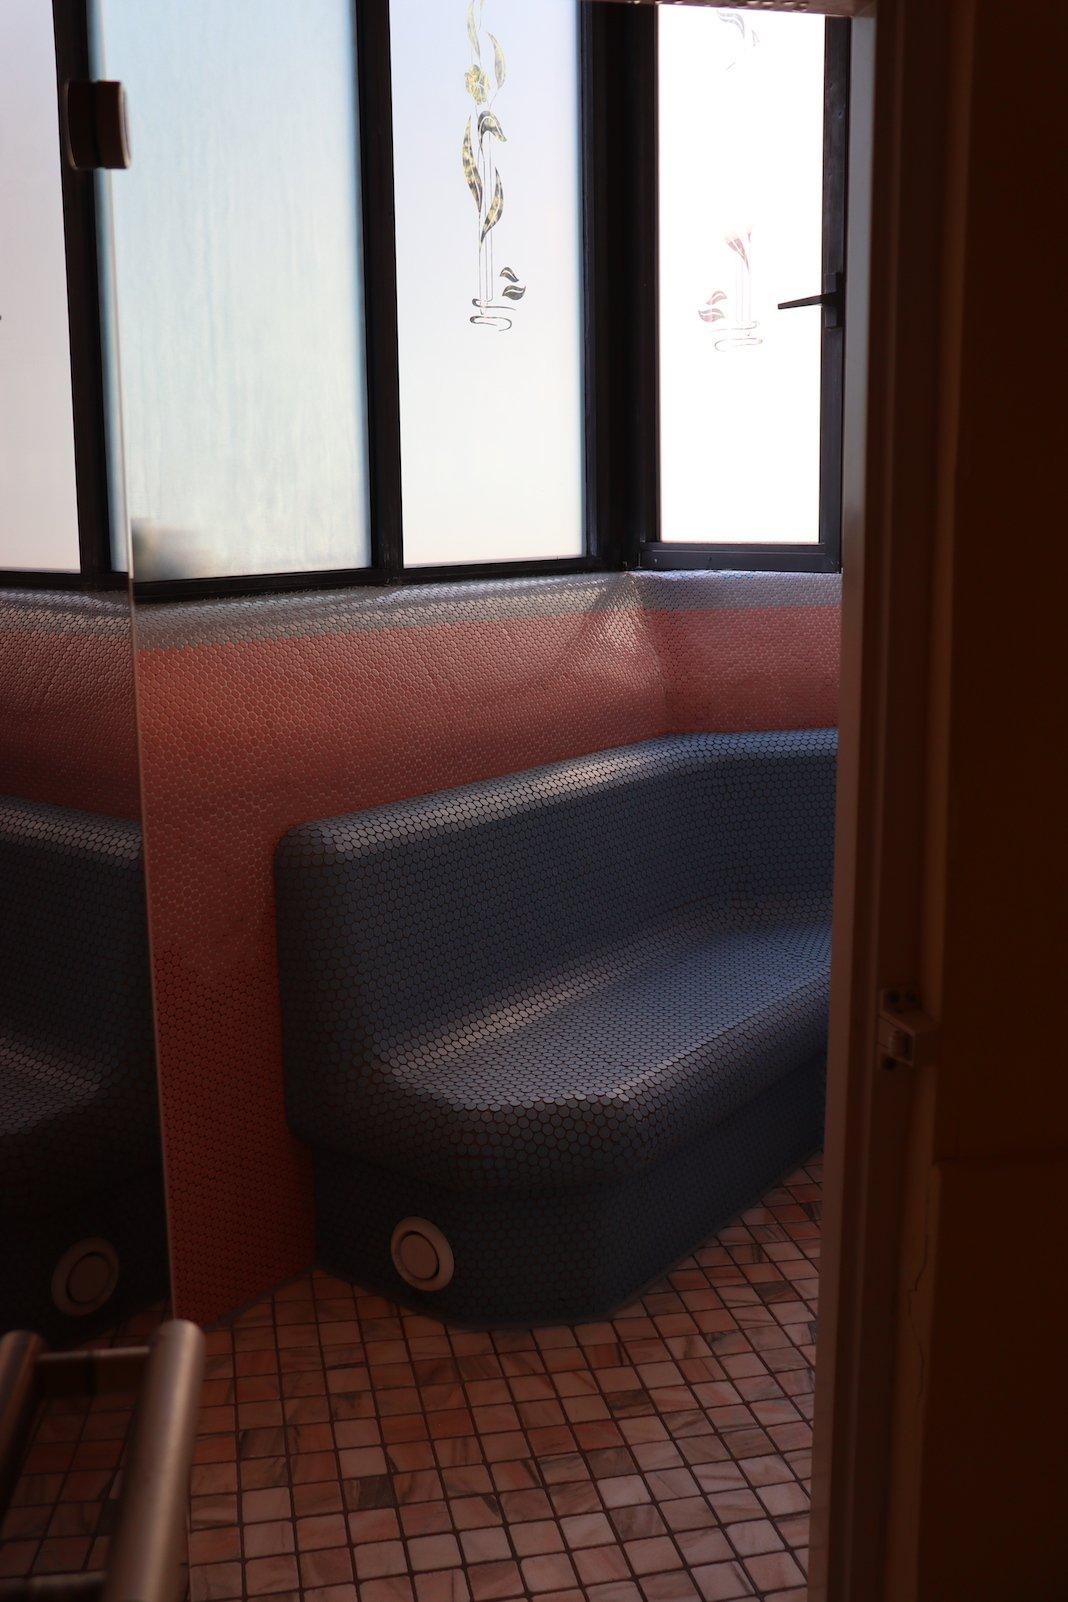 Kräutergrotte mit Fenster nach draussen